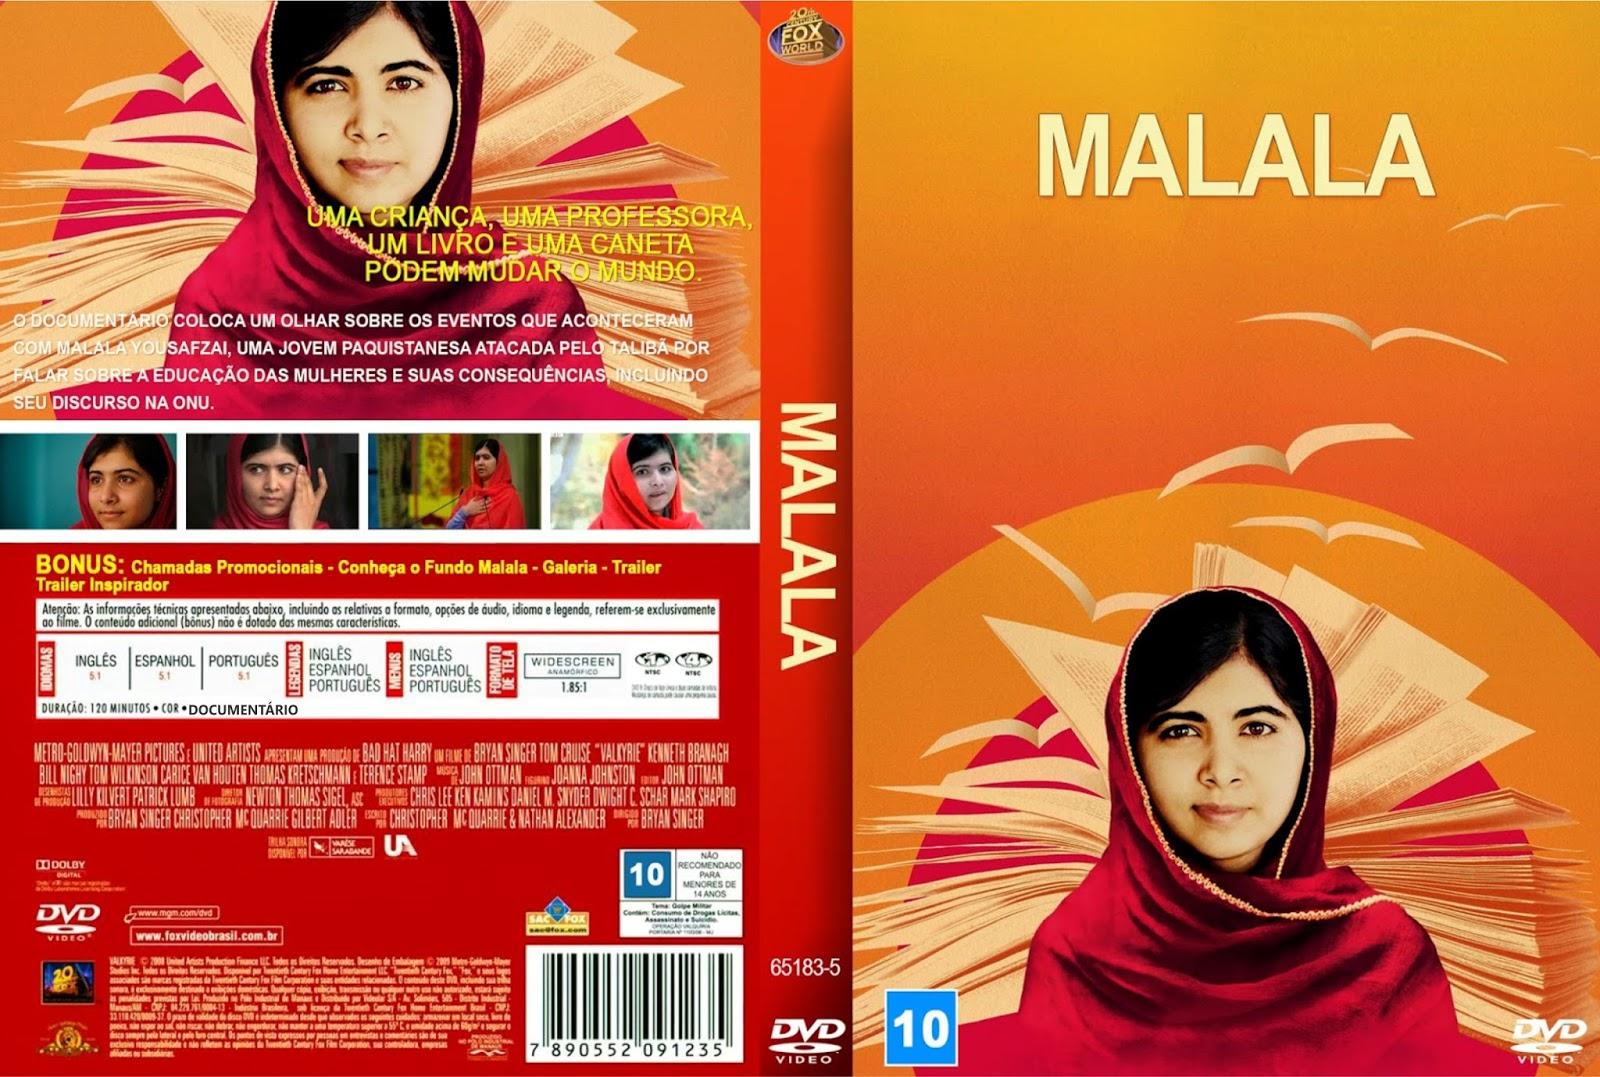 Malala DVDRip XviD Dublado Malala 2BDVD 2B  2BXANDAODOWNLOAD